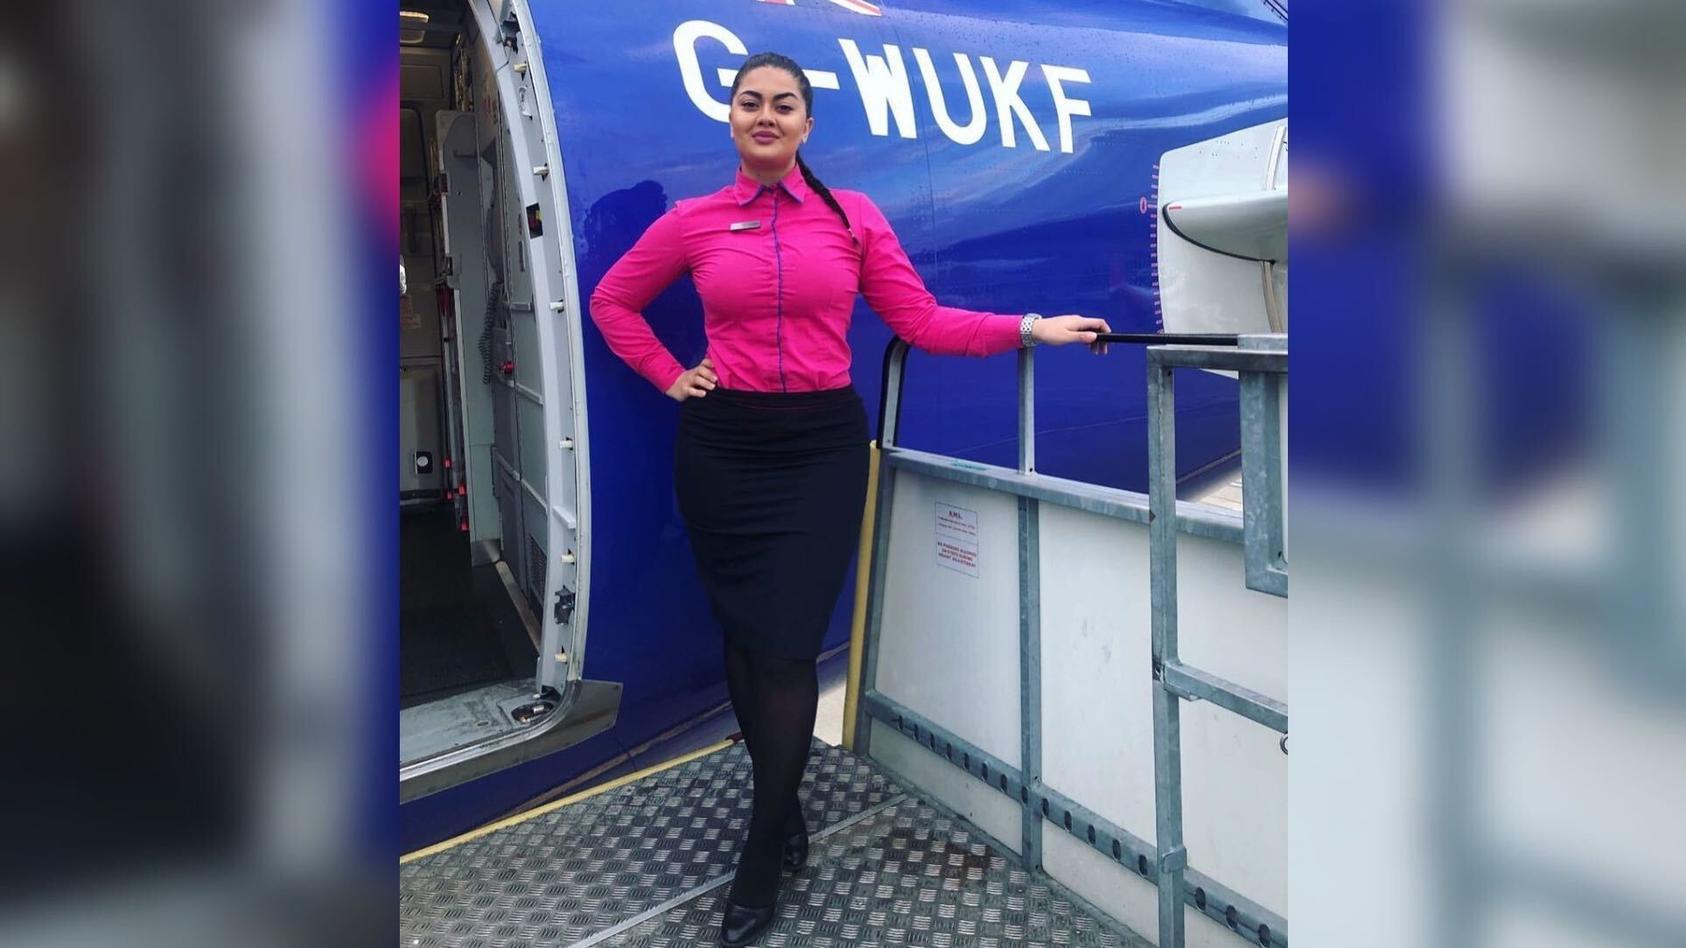 Alexandra Dobre, eine ehemalige Stewardess, ist wegen Drogenhandels verhaftet worden.